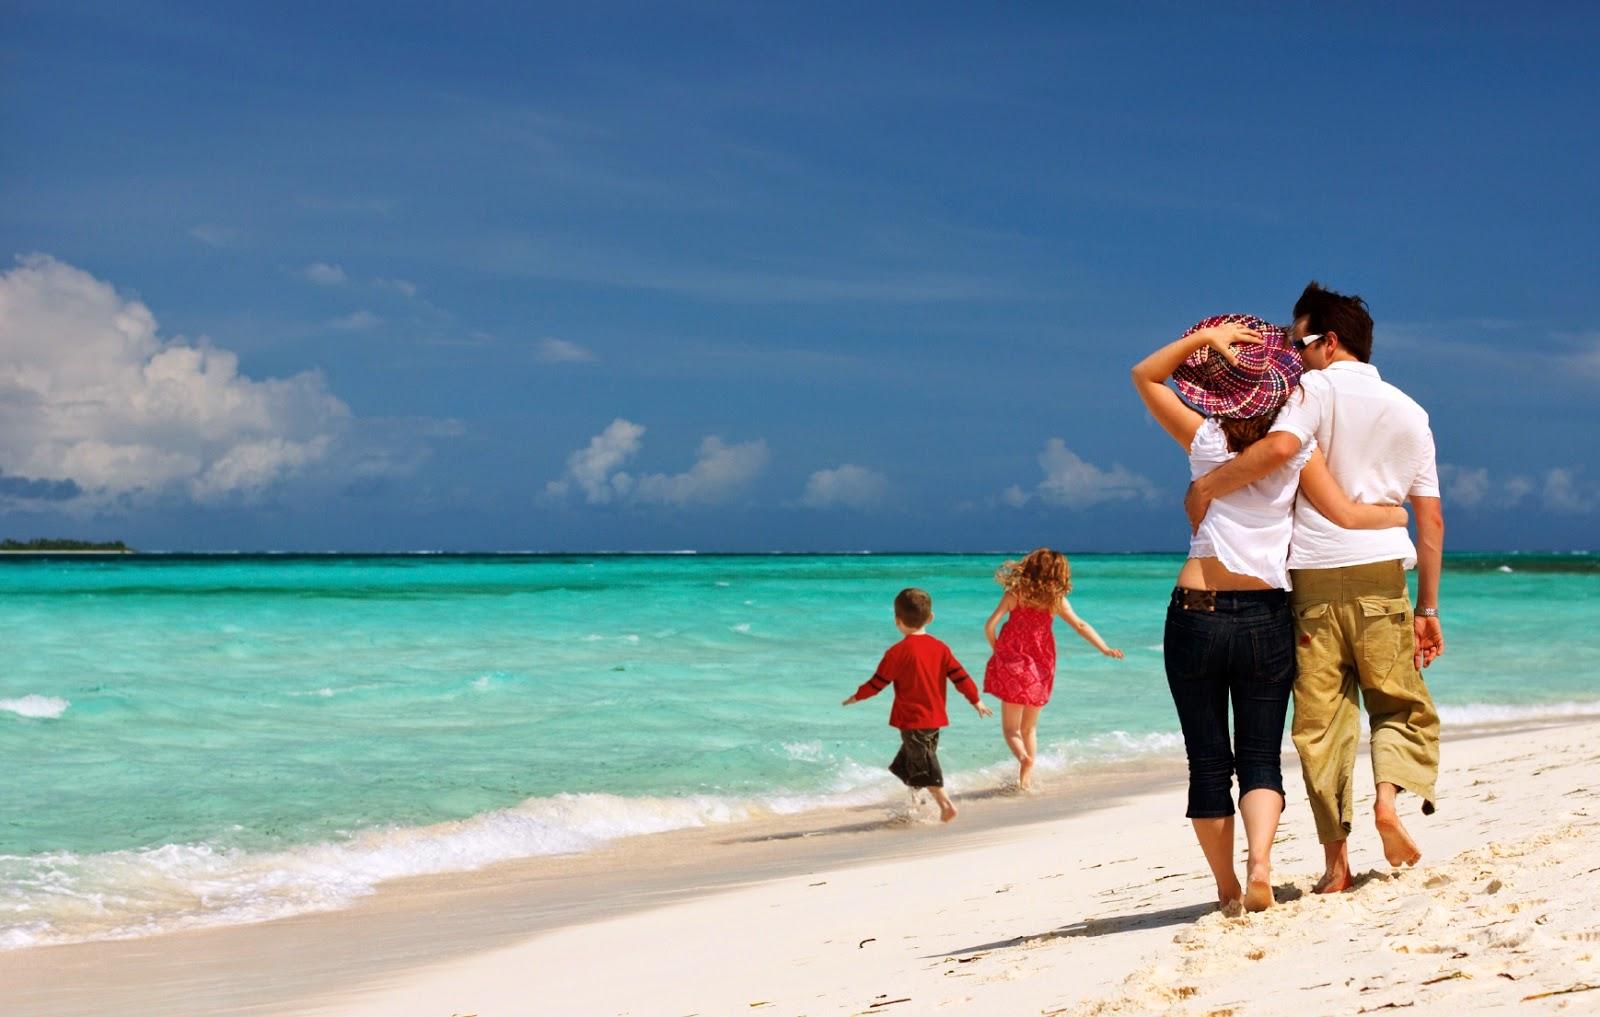 Κοινωνικός τουρισμός: Πώς θα πάρετε voucher 30 ευρώ την ημέρα